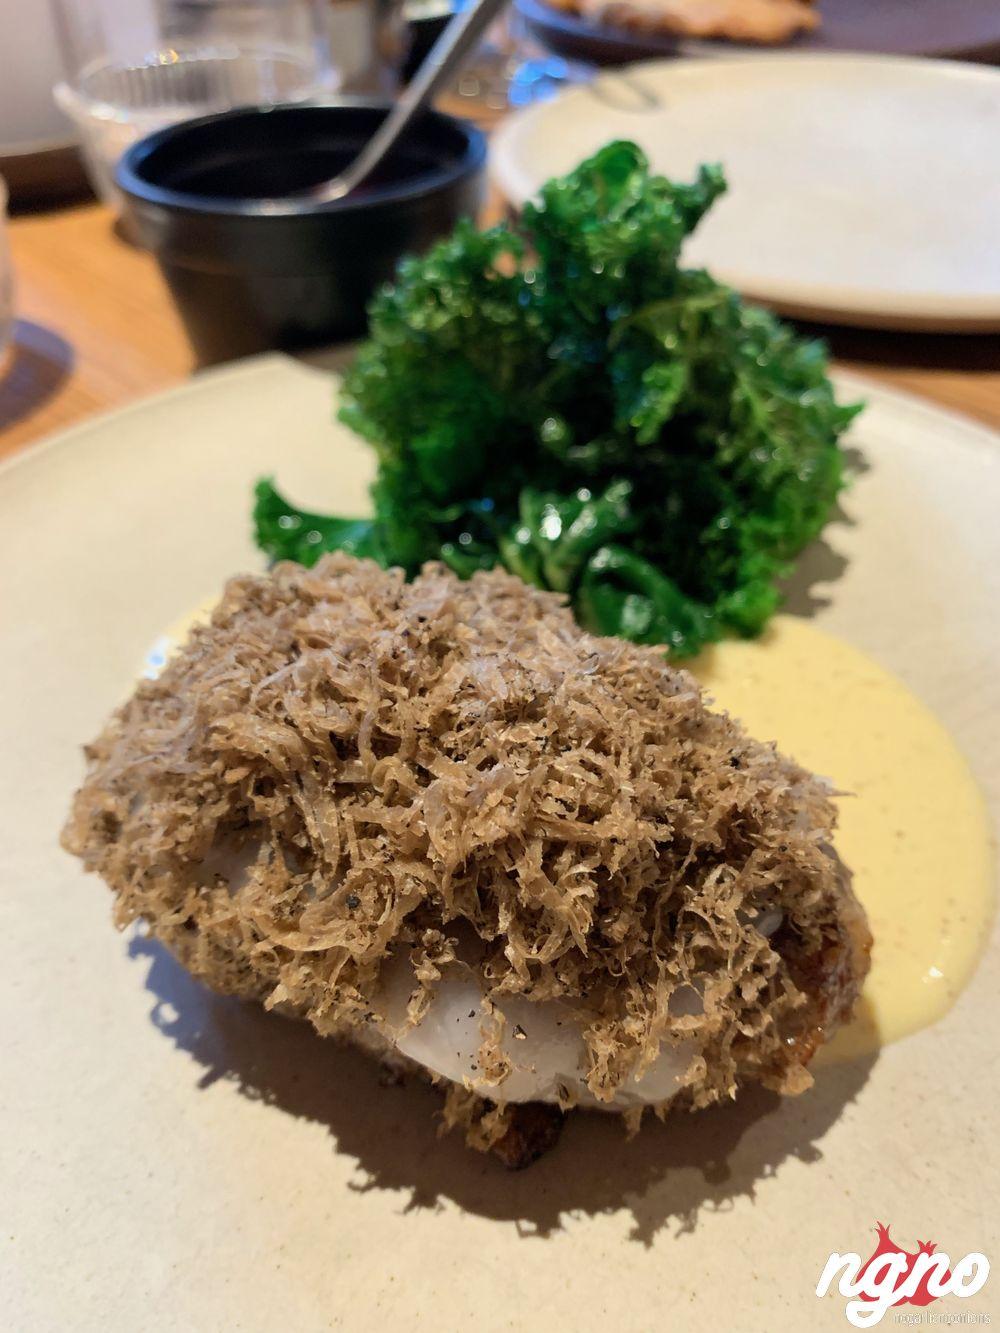 barr-restaurant-copenhagen-nogarlicnoonions-622019-02-24-08-41-35